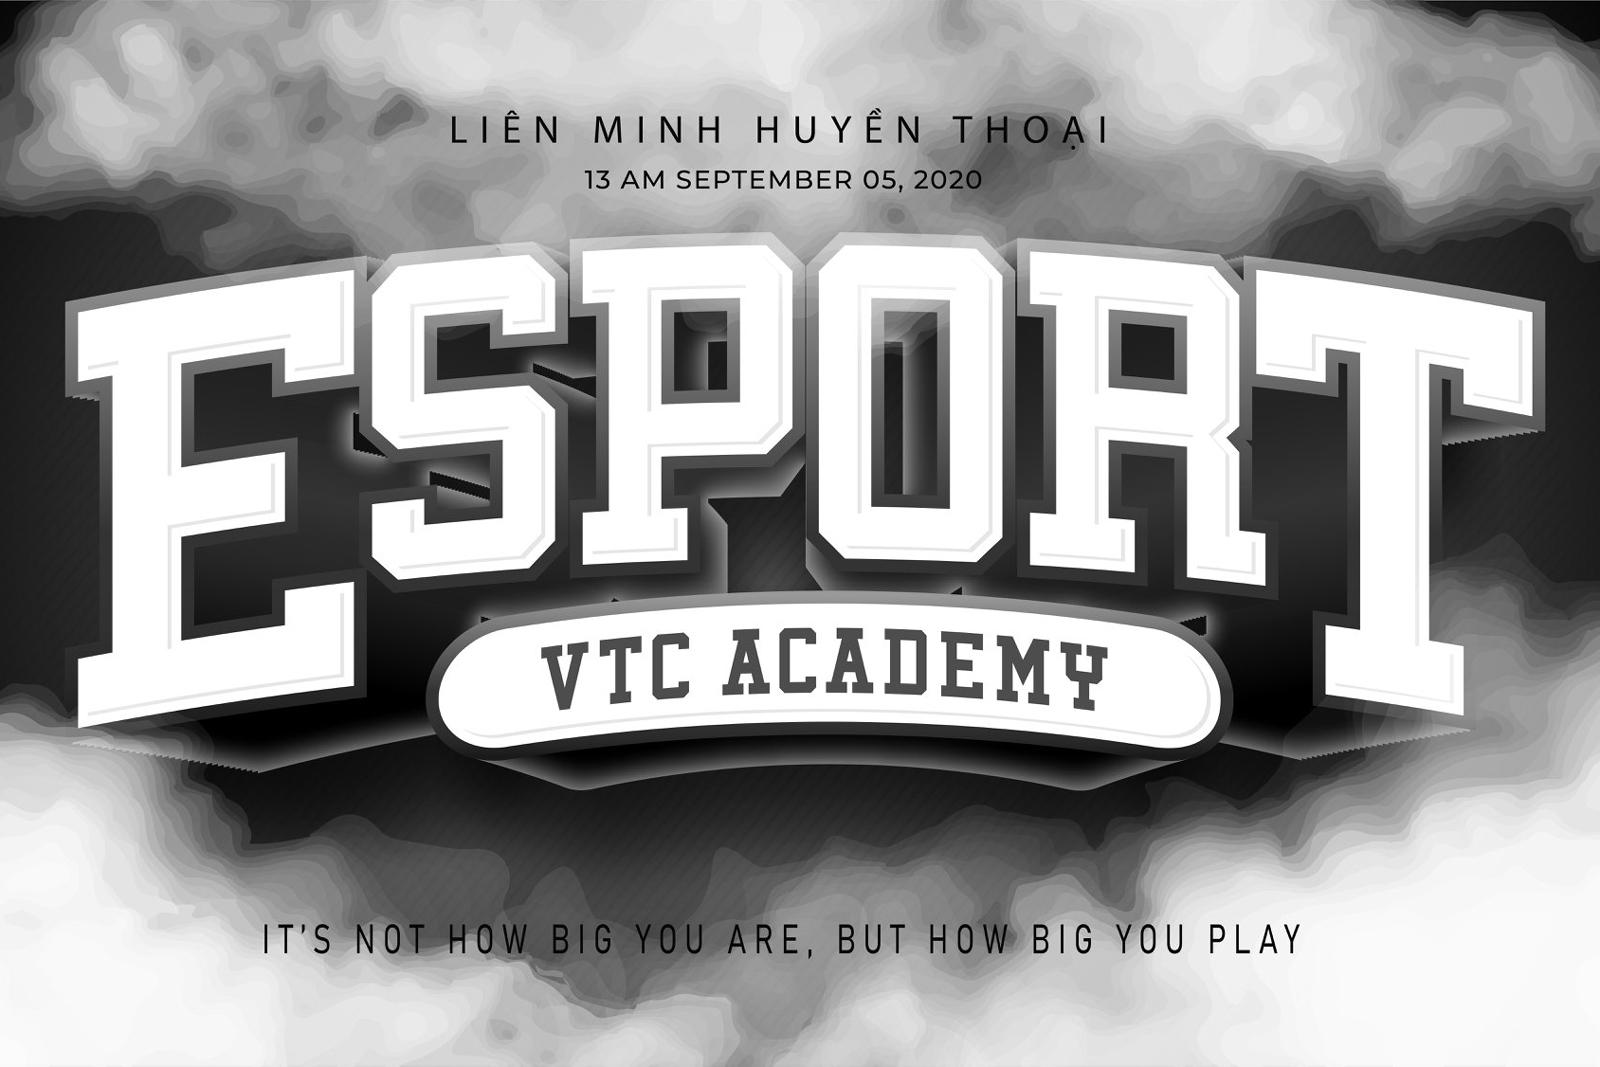 CLB Esport tổ chức giải đấu Liên Minh Huyền Thoại tại TP.HCM